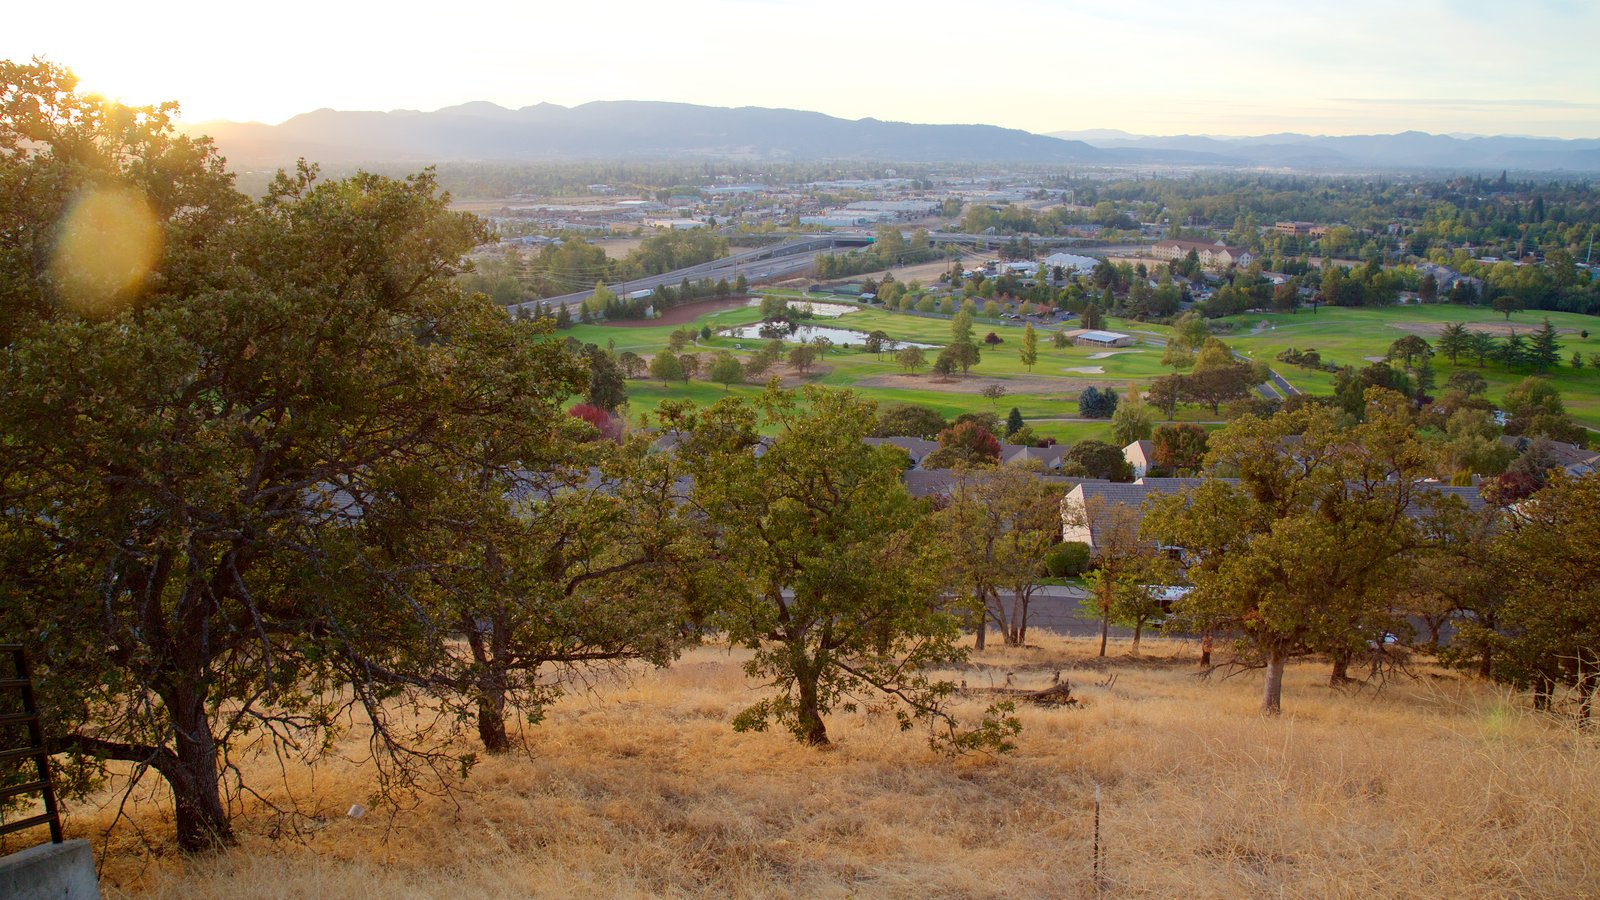 Oregón que incluye vistas de paisajes